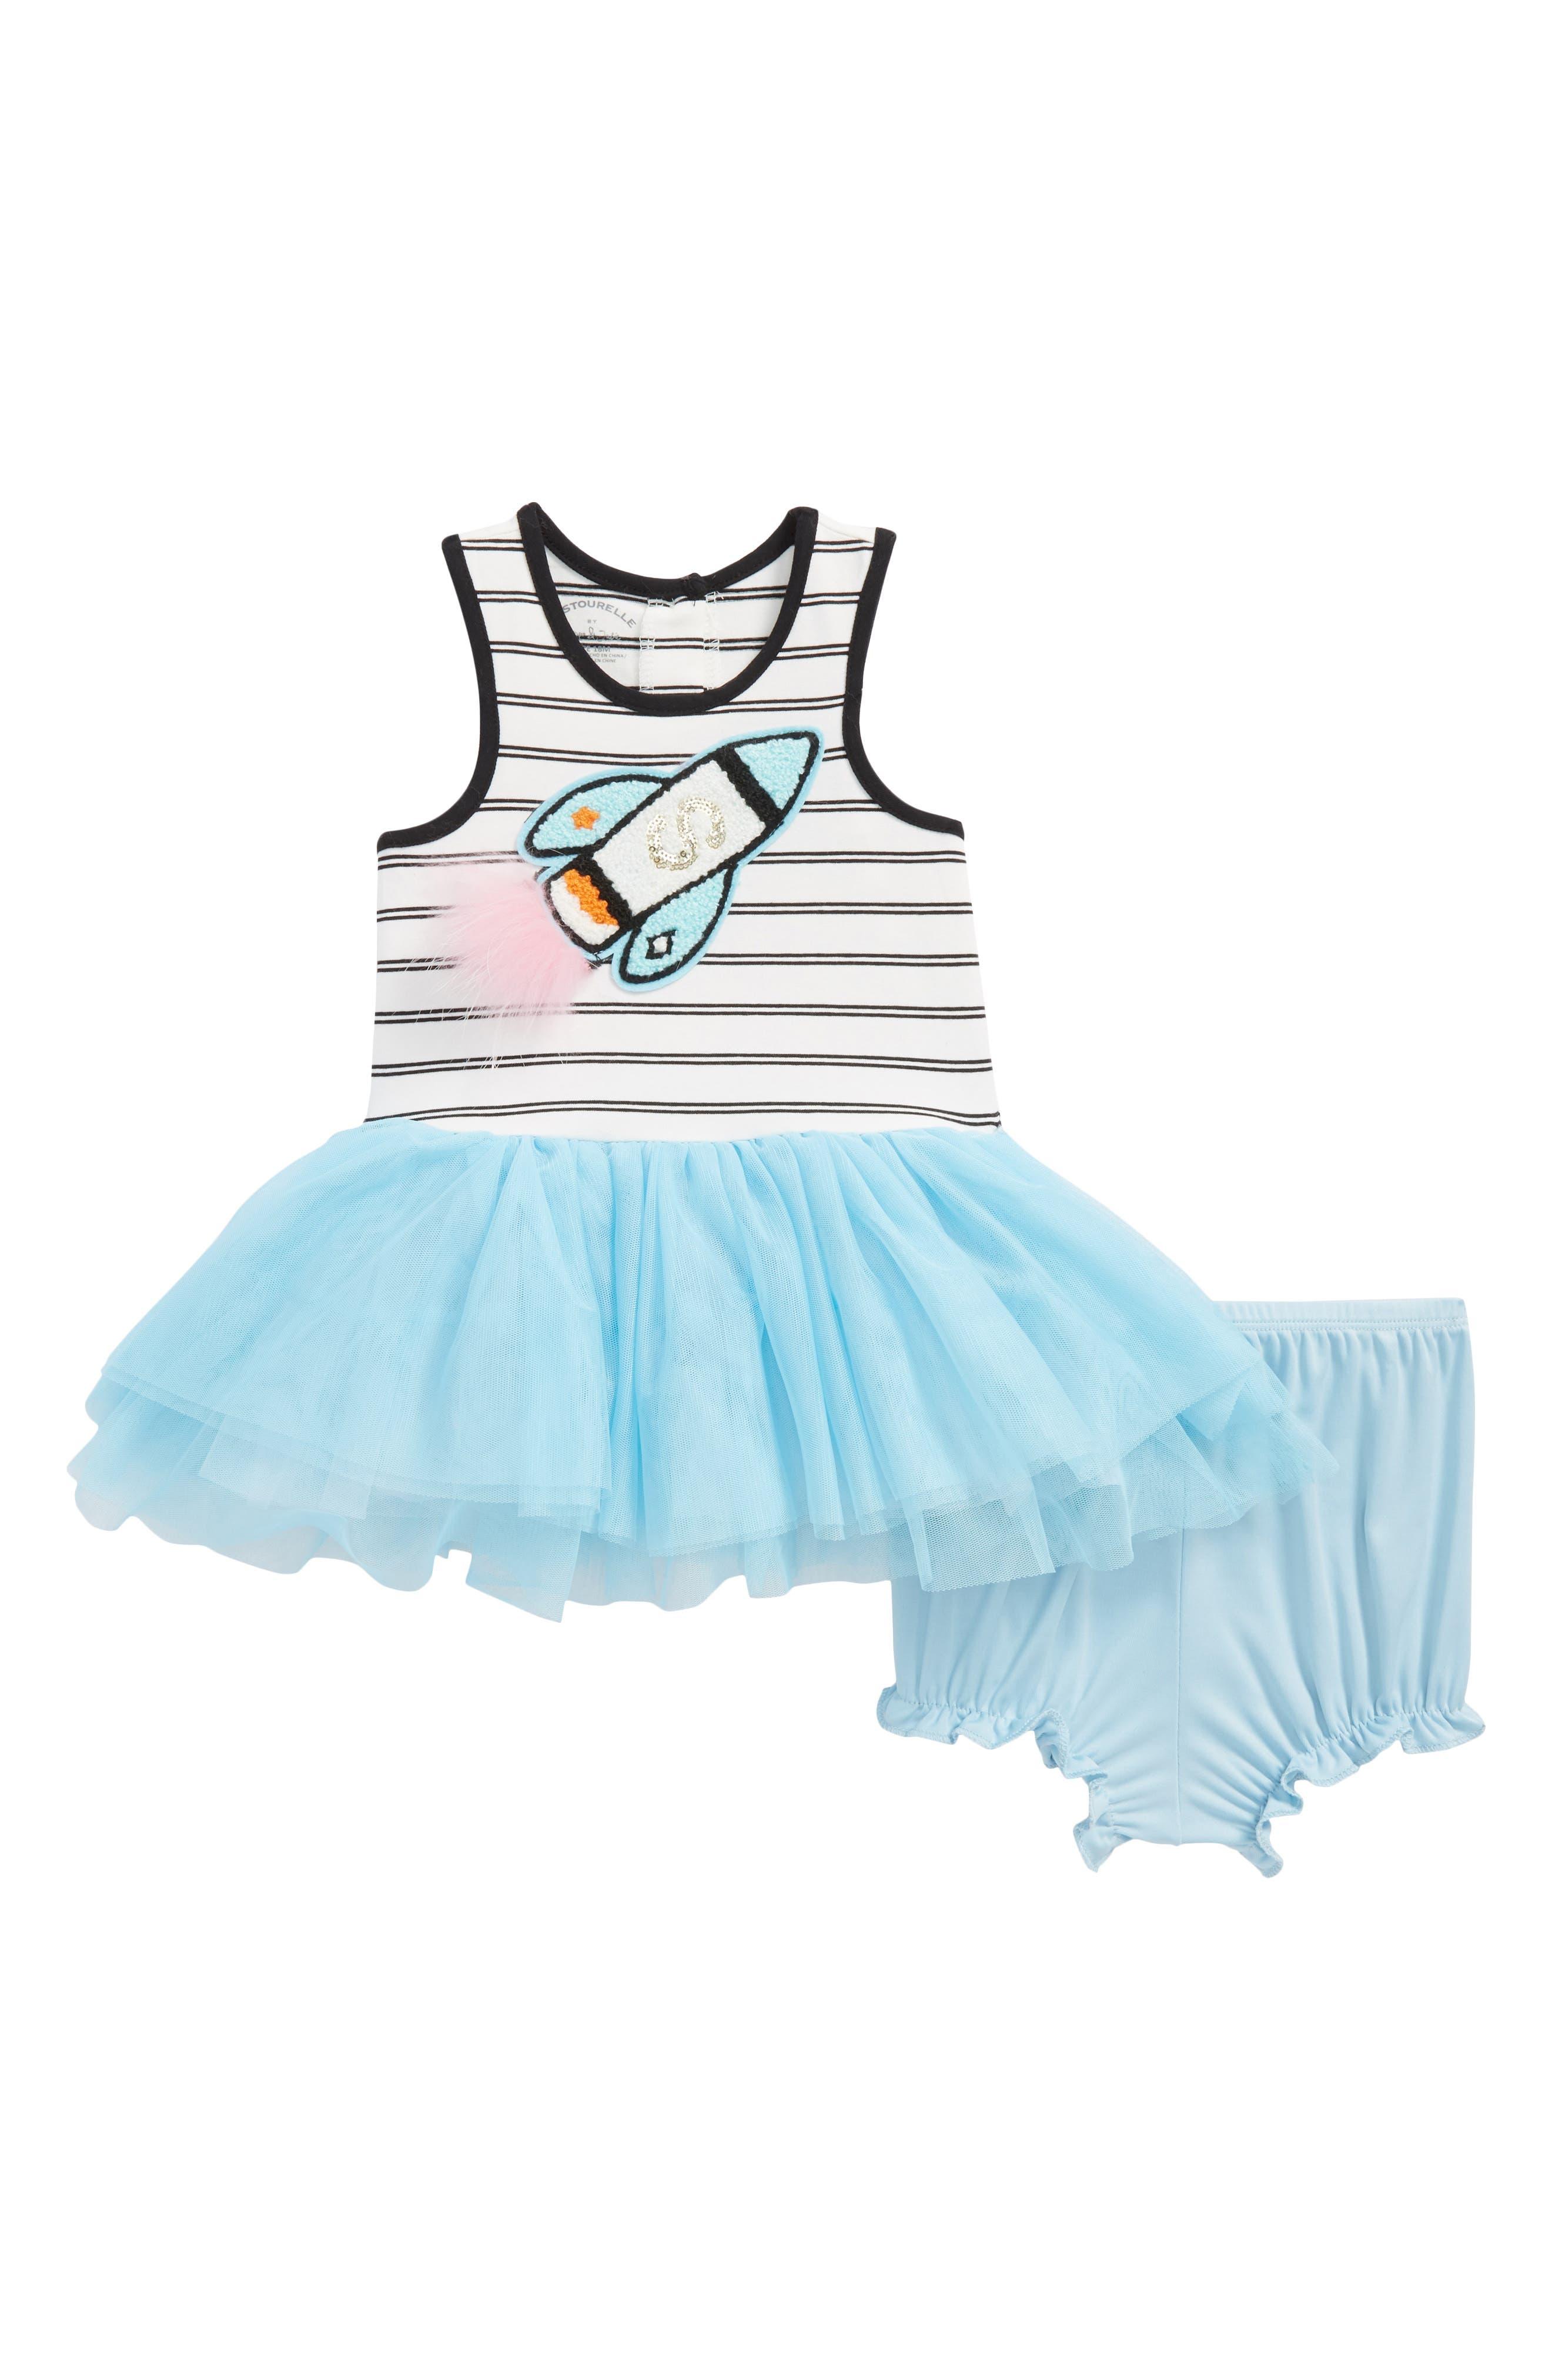 Rocket Tutu Dress,                             Main thumbnail 1, color,                             White/ Black